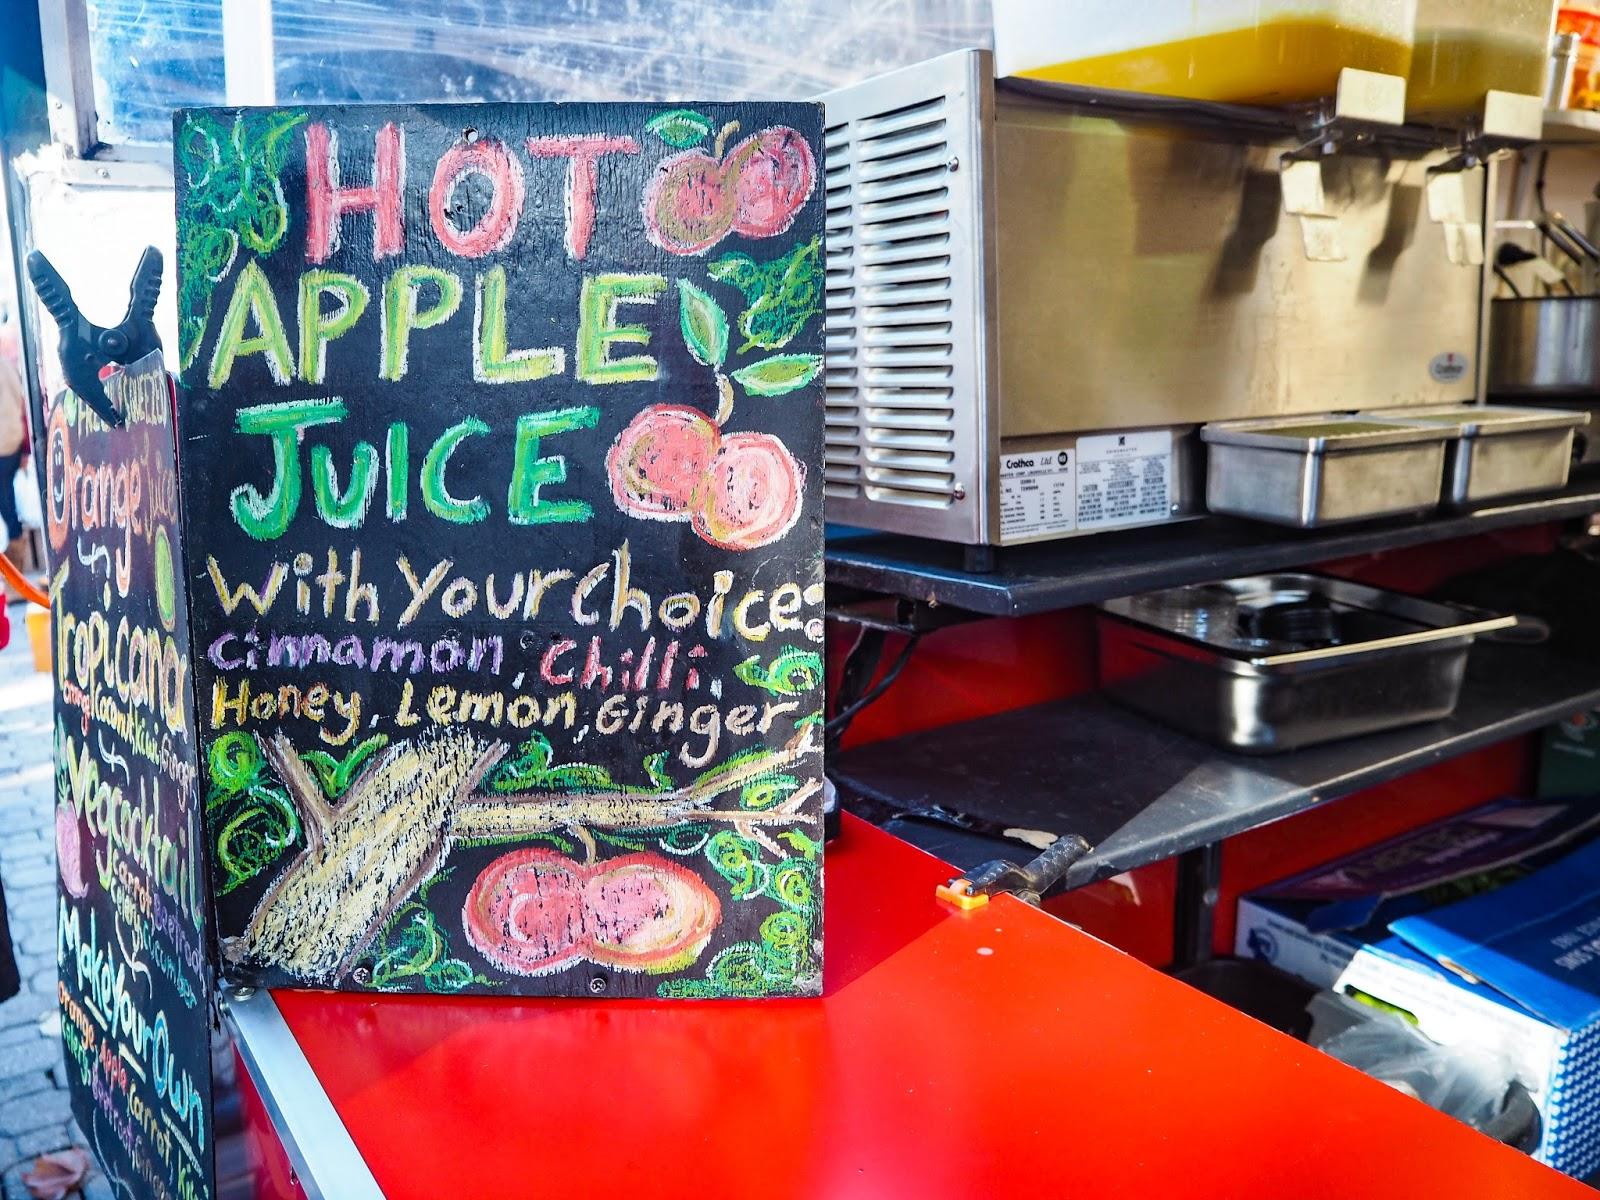 Hot apple juice sign